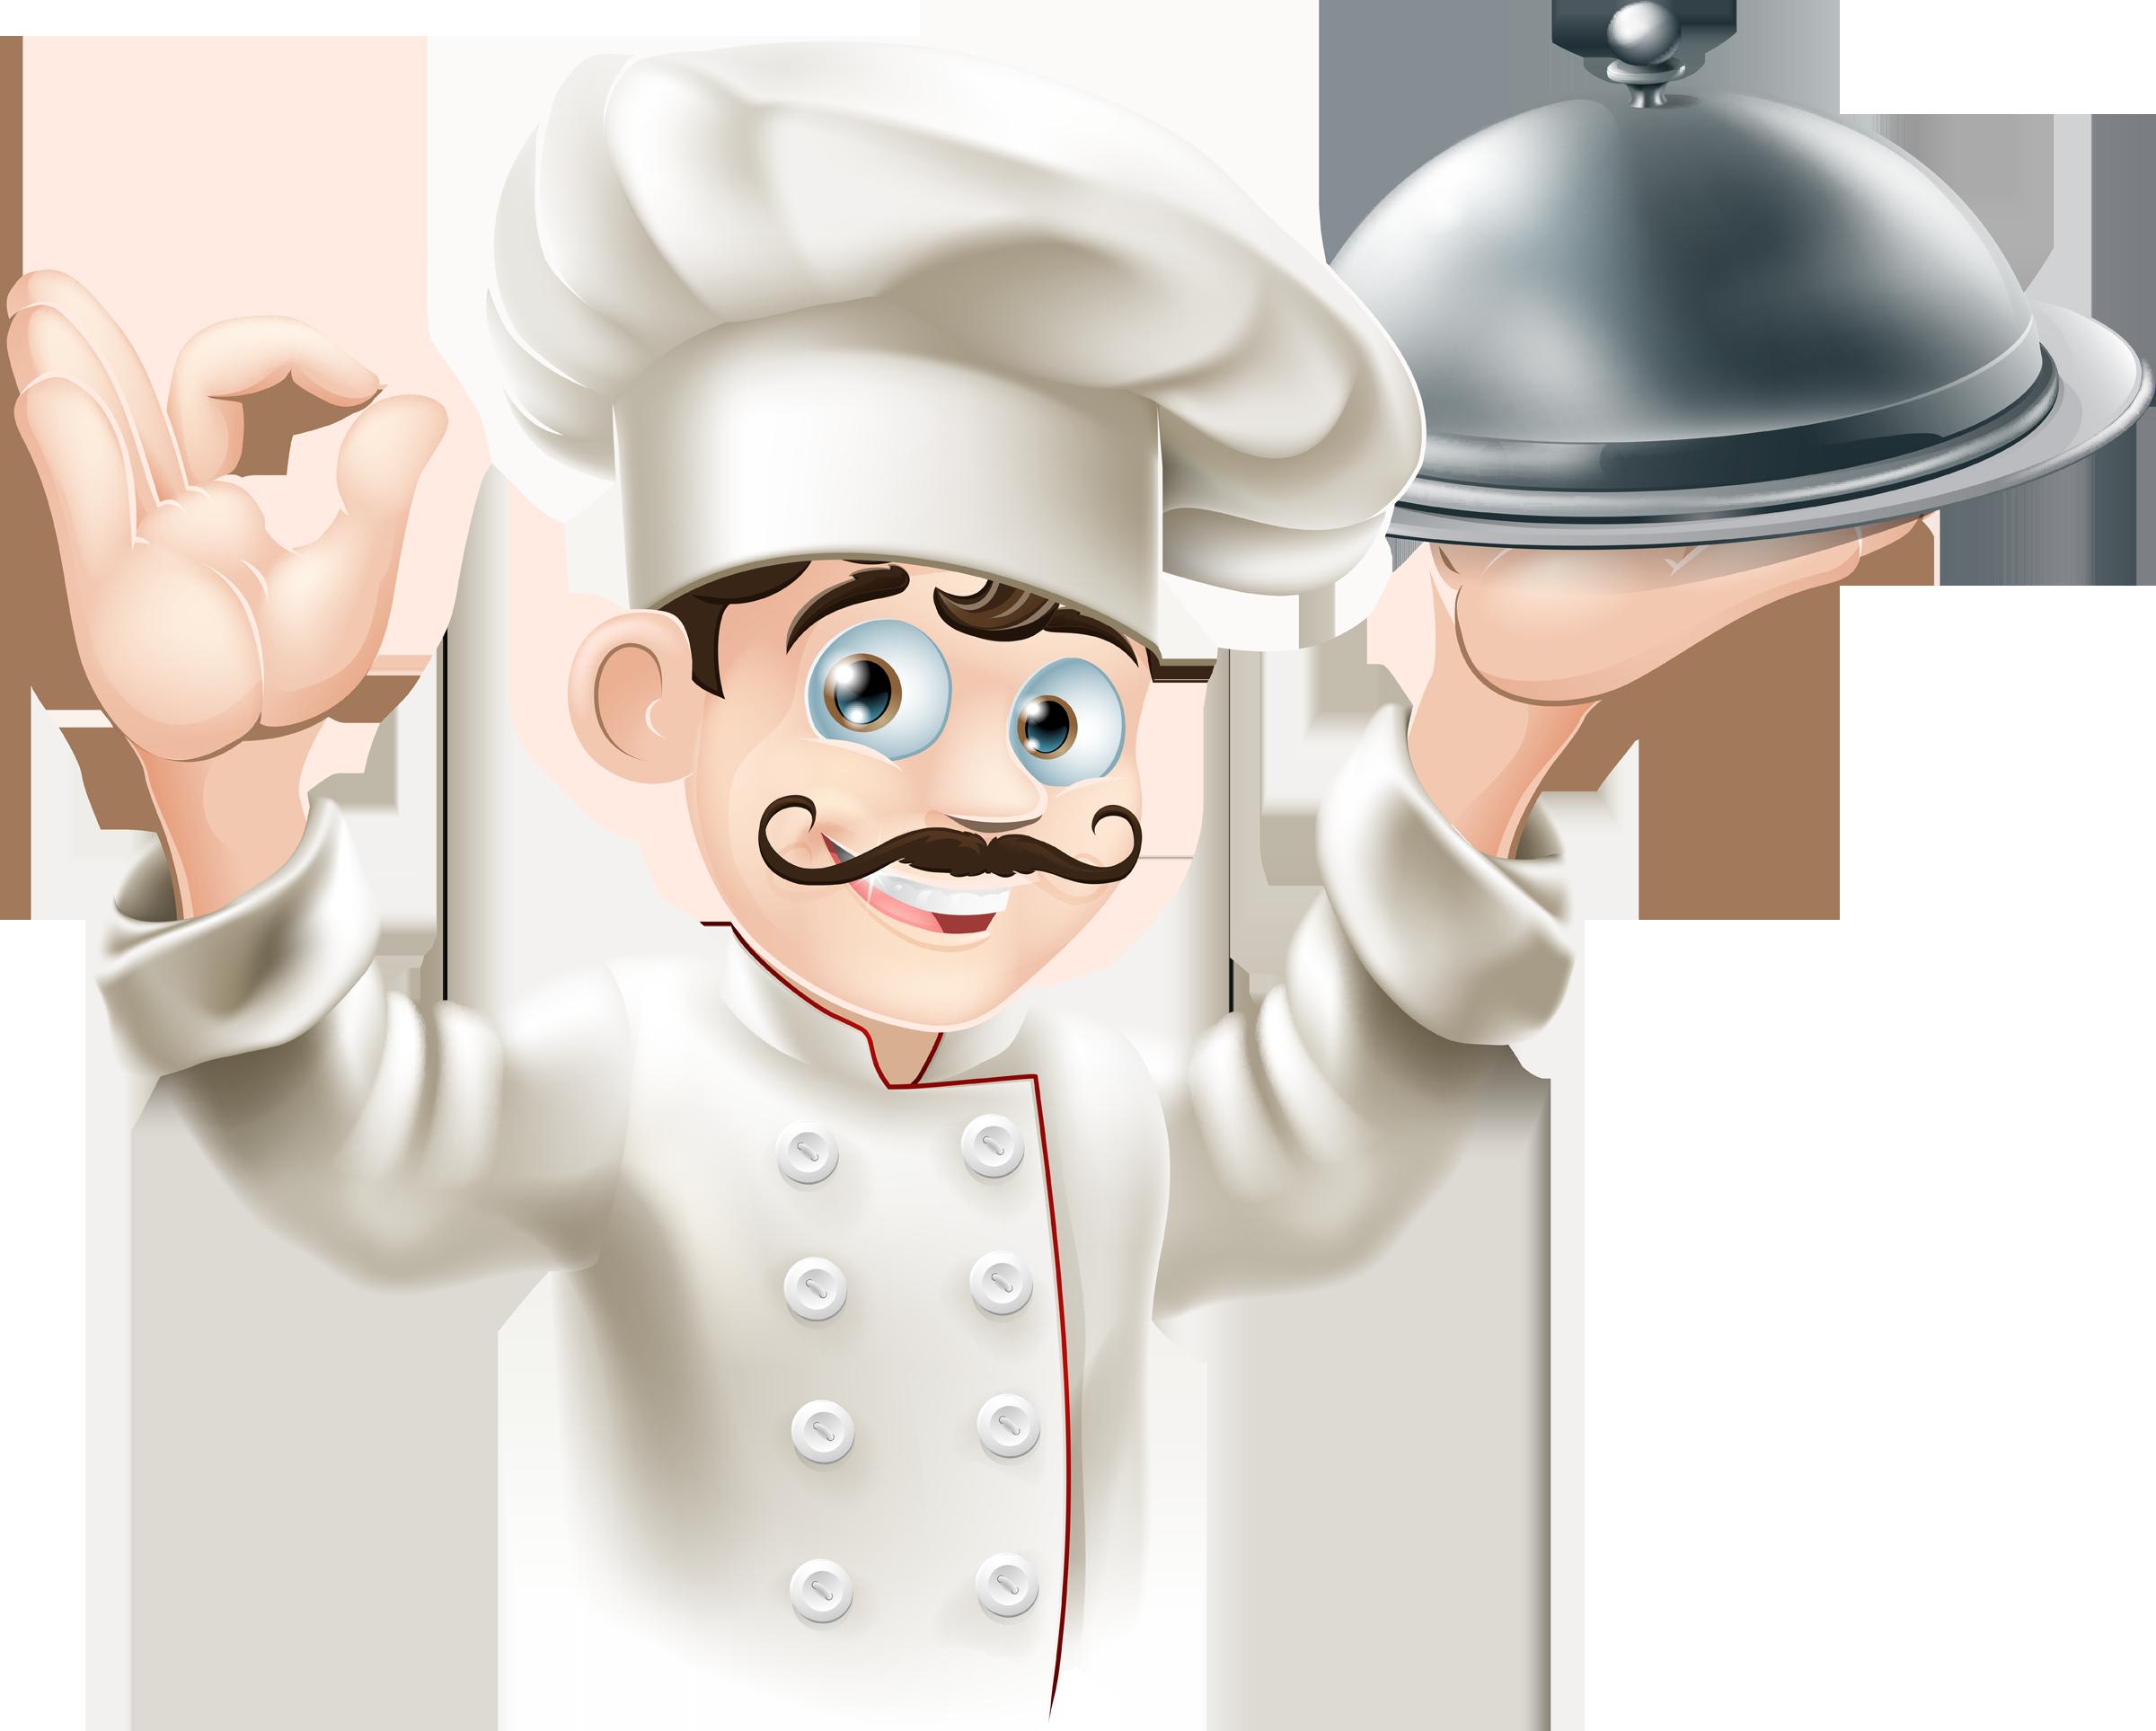 Cozinheiros A Chef De Cozinha Cozinheiro Paozinho